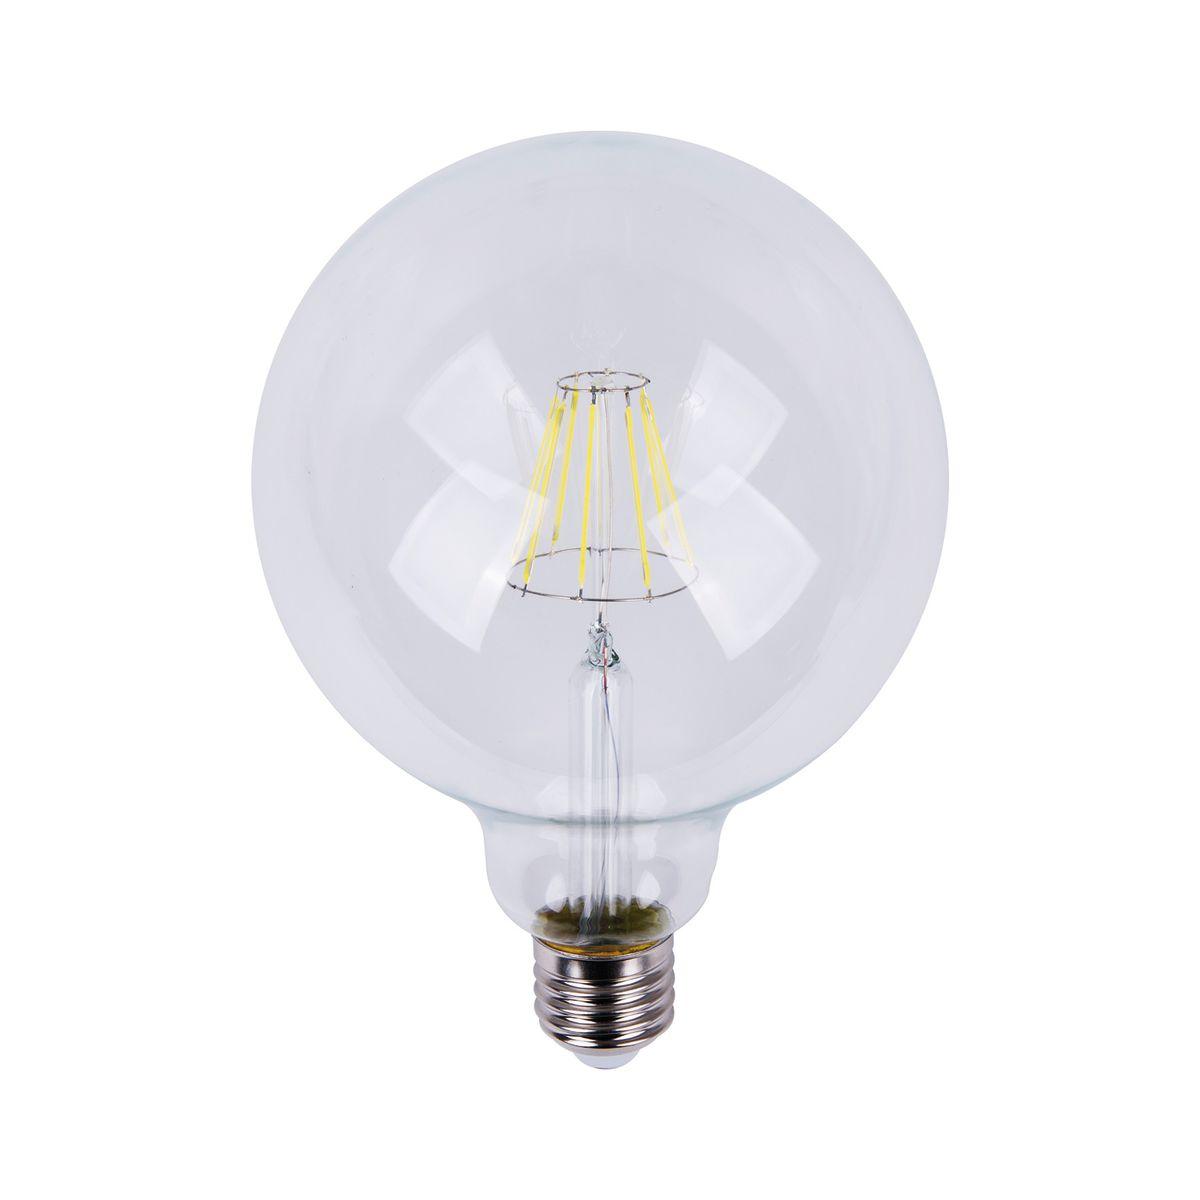 lampadina led lexman filamento e27 =75w globo luce fredda 360 ... - Cabina Armadio Luce Calda O Fredda